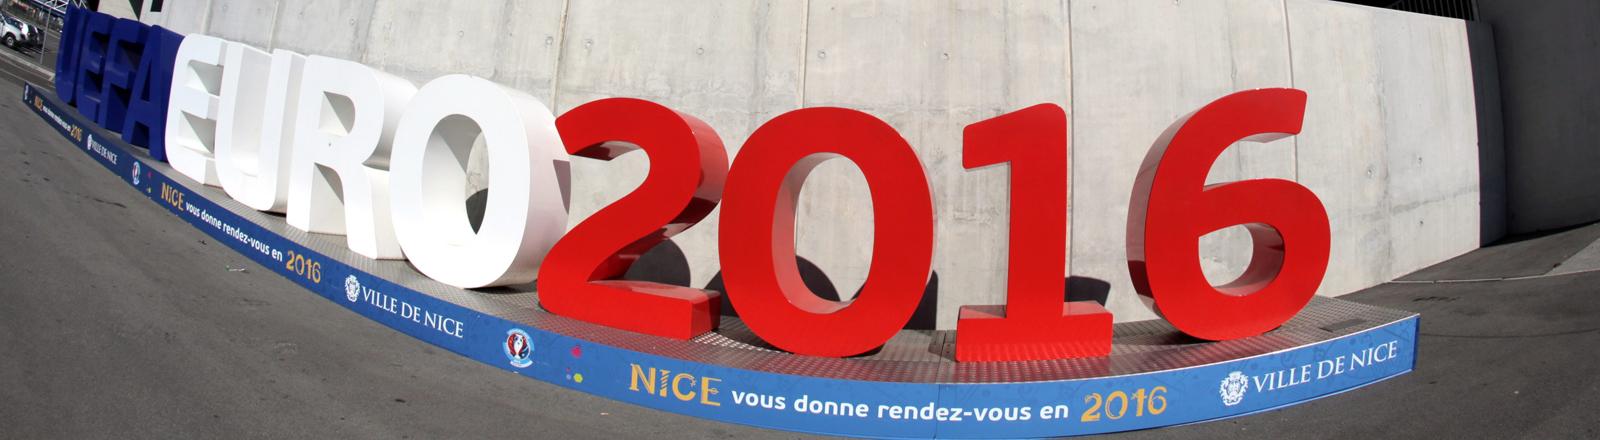 Banner für die Fußball-EM 2016 vor dem Stadion in Nizza.